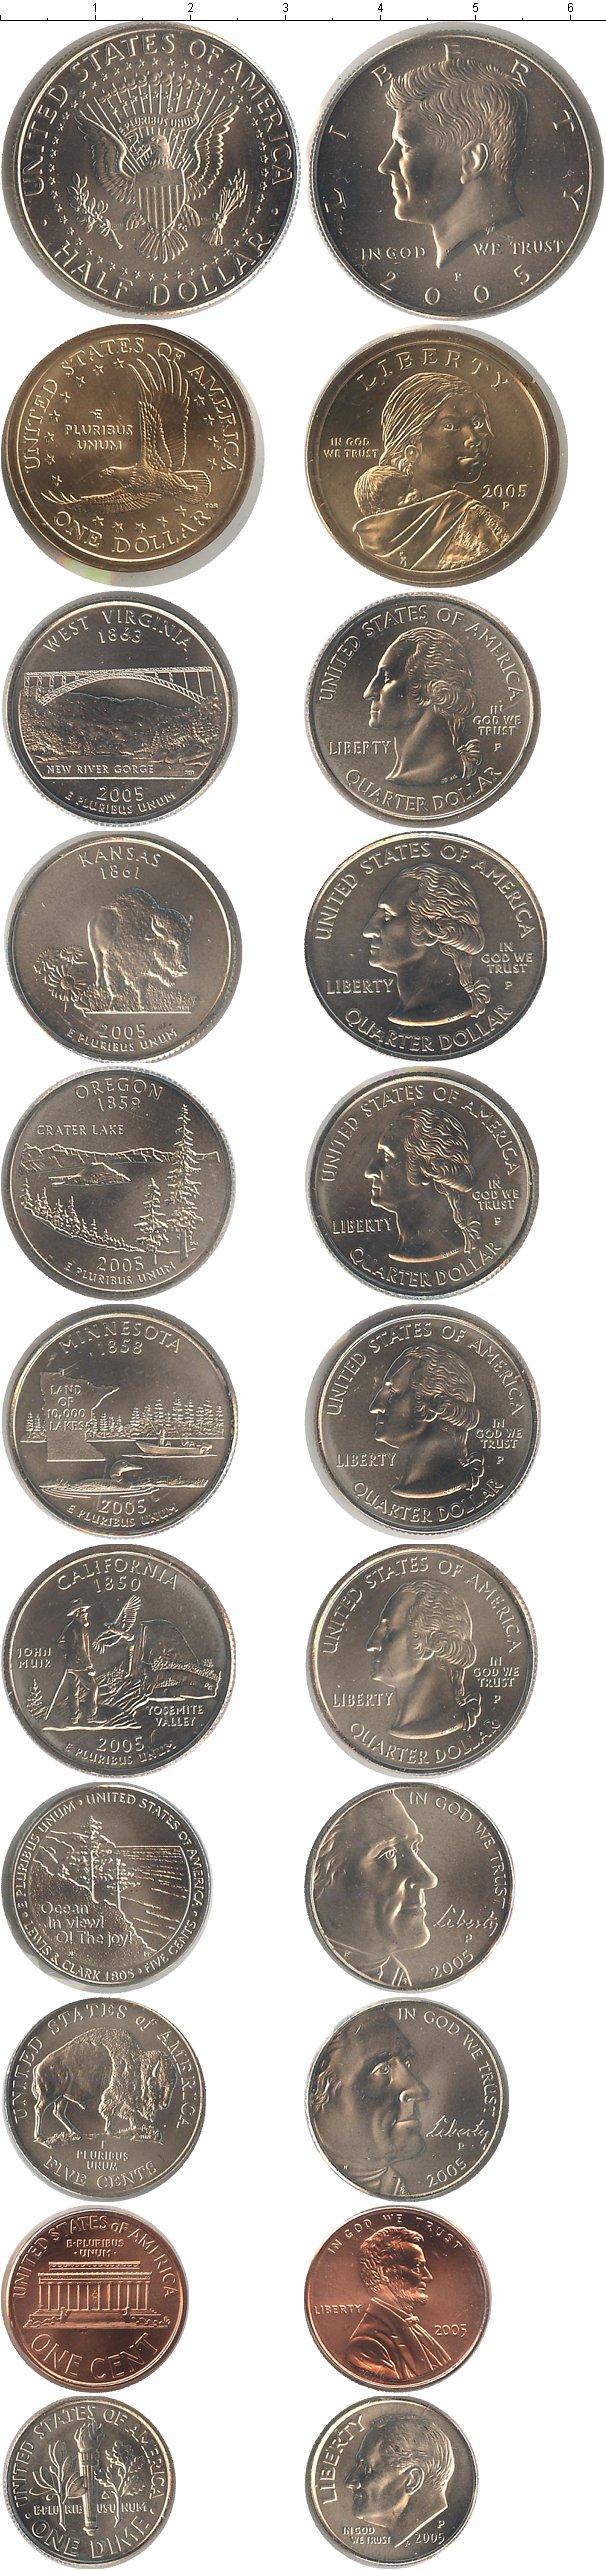 Подарочный набор монет сша сша 2005 - 2005 год.